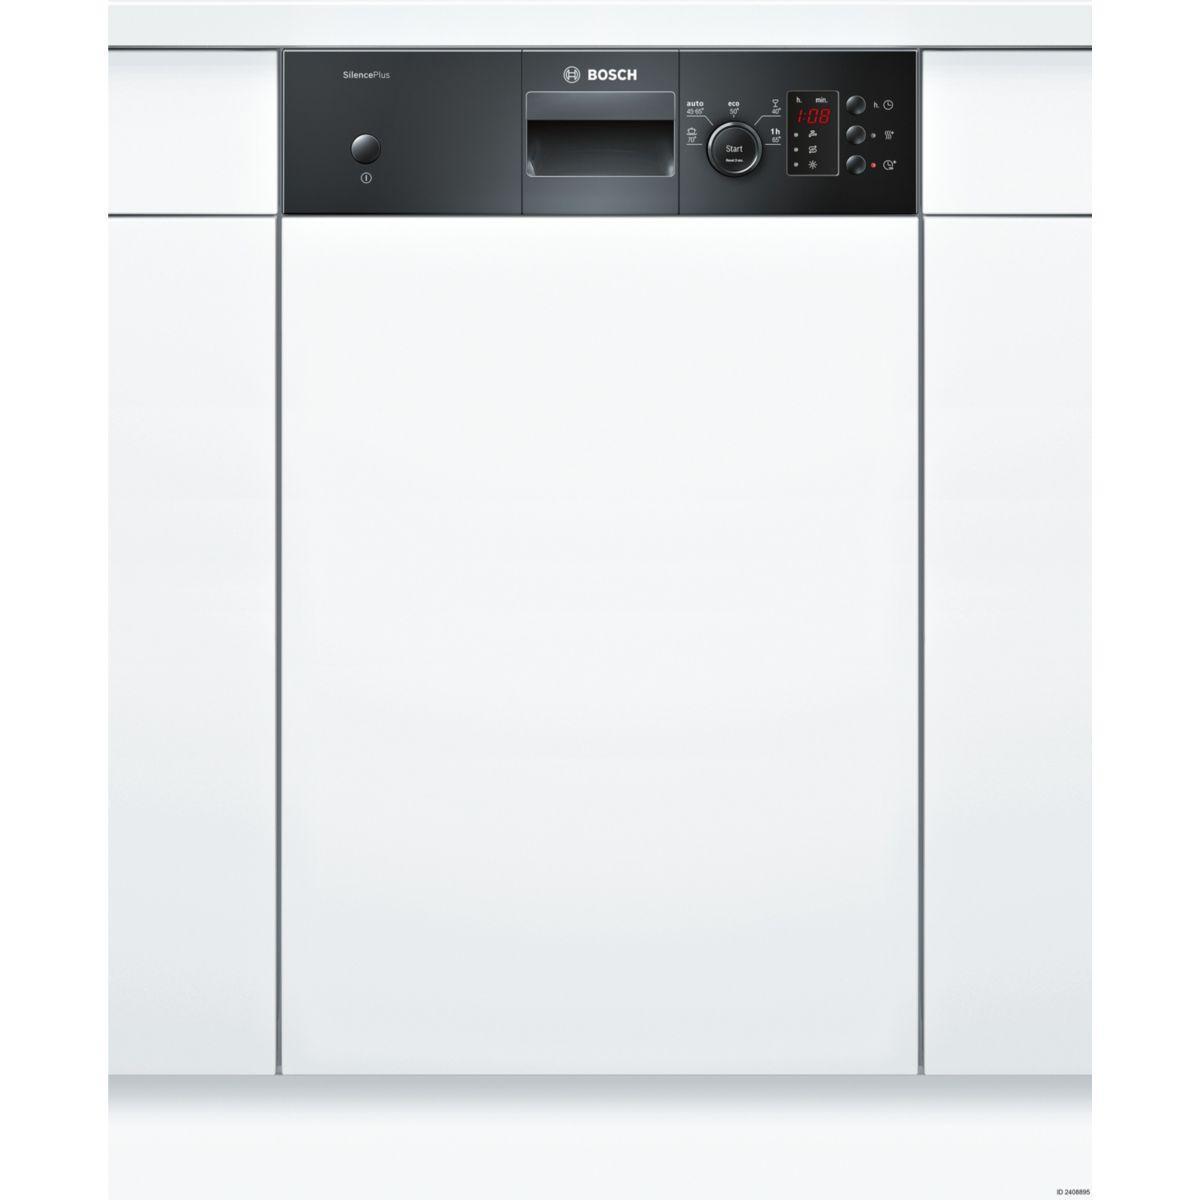 Lave vaisselle encastrable bosch spi25cb03e - livraison offerte : code premium